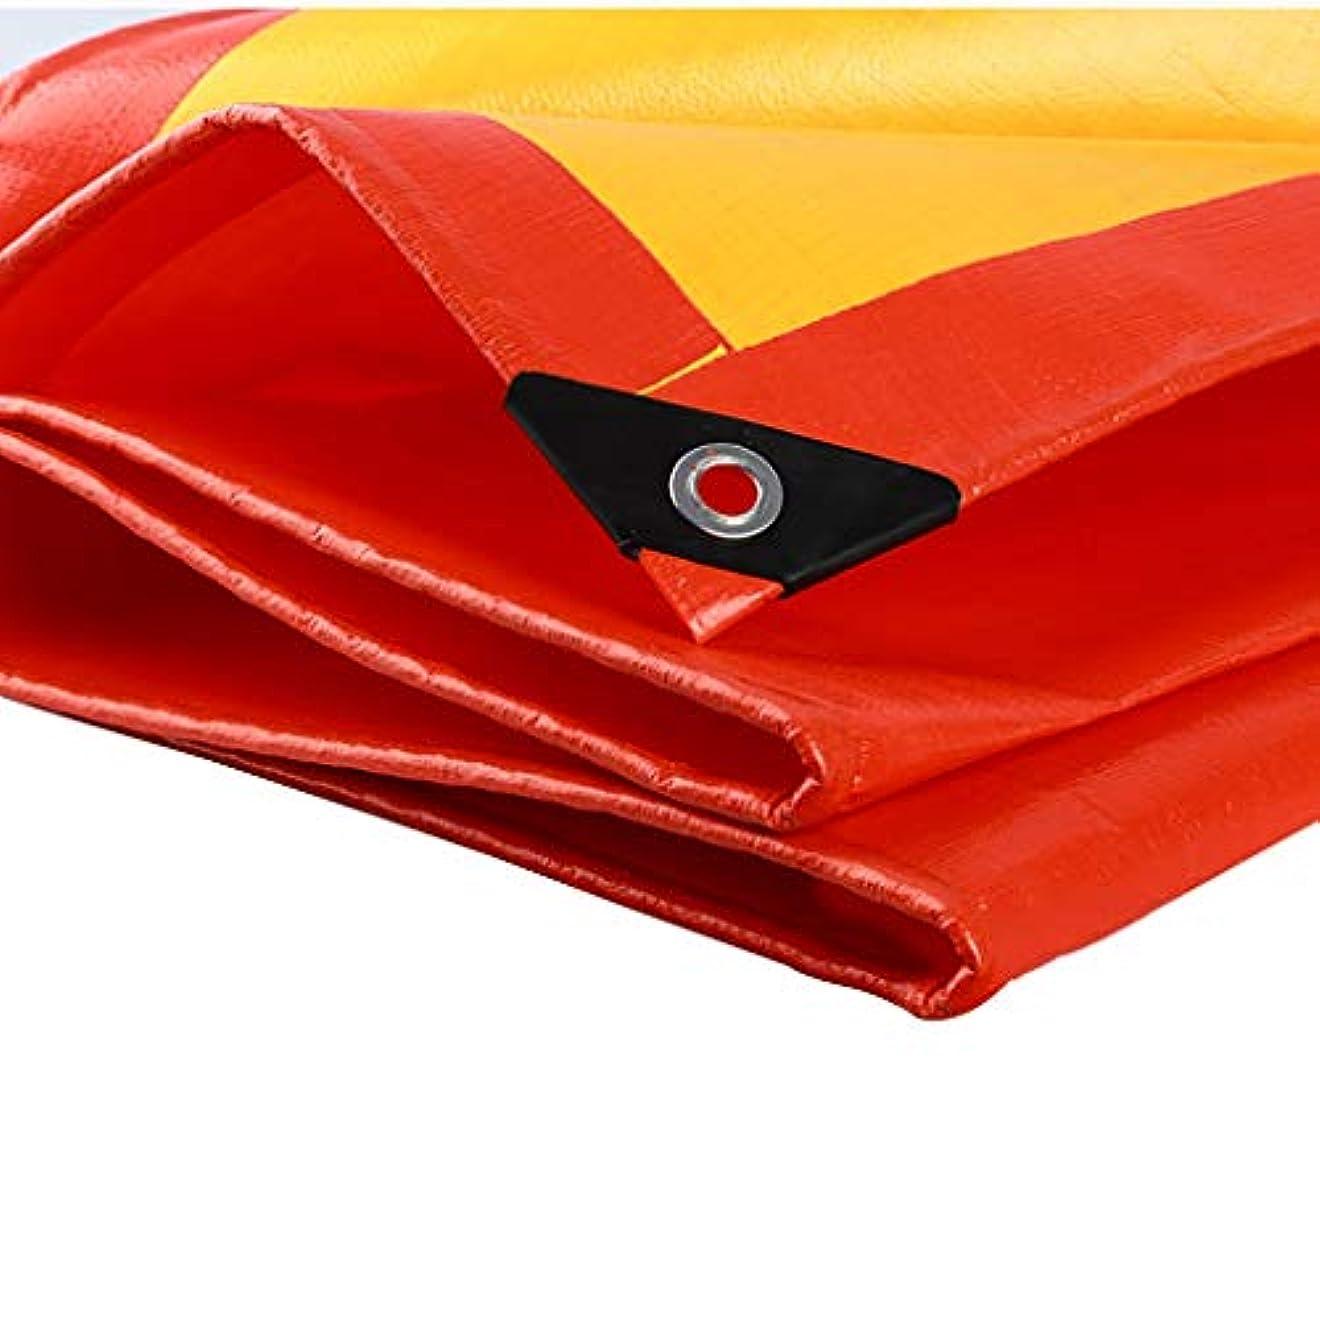 聡明視力セイはさておきタープ 太陽と雨をカバーするキャンプ用防水シート、PEターポリン、引裂抵抗、老化防止、帯電防止 テント (Color : Red, Size : 6m×6m)